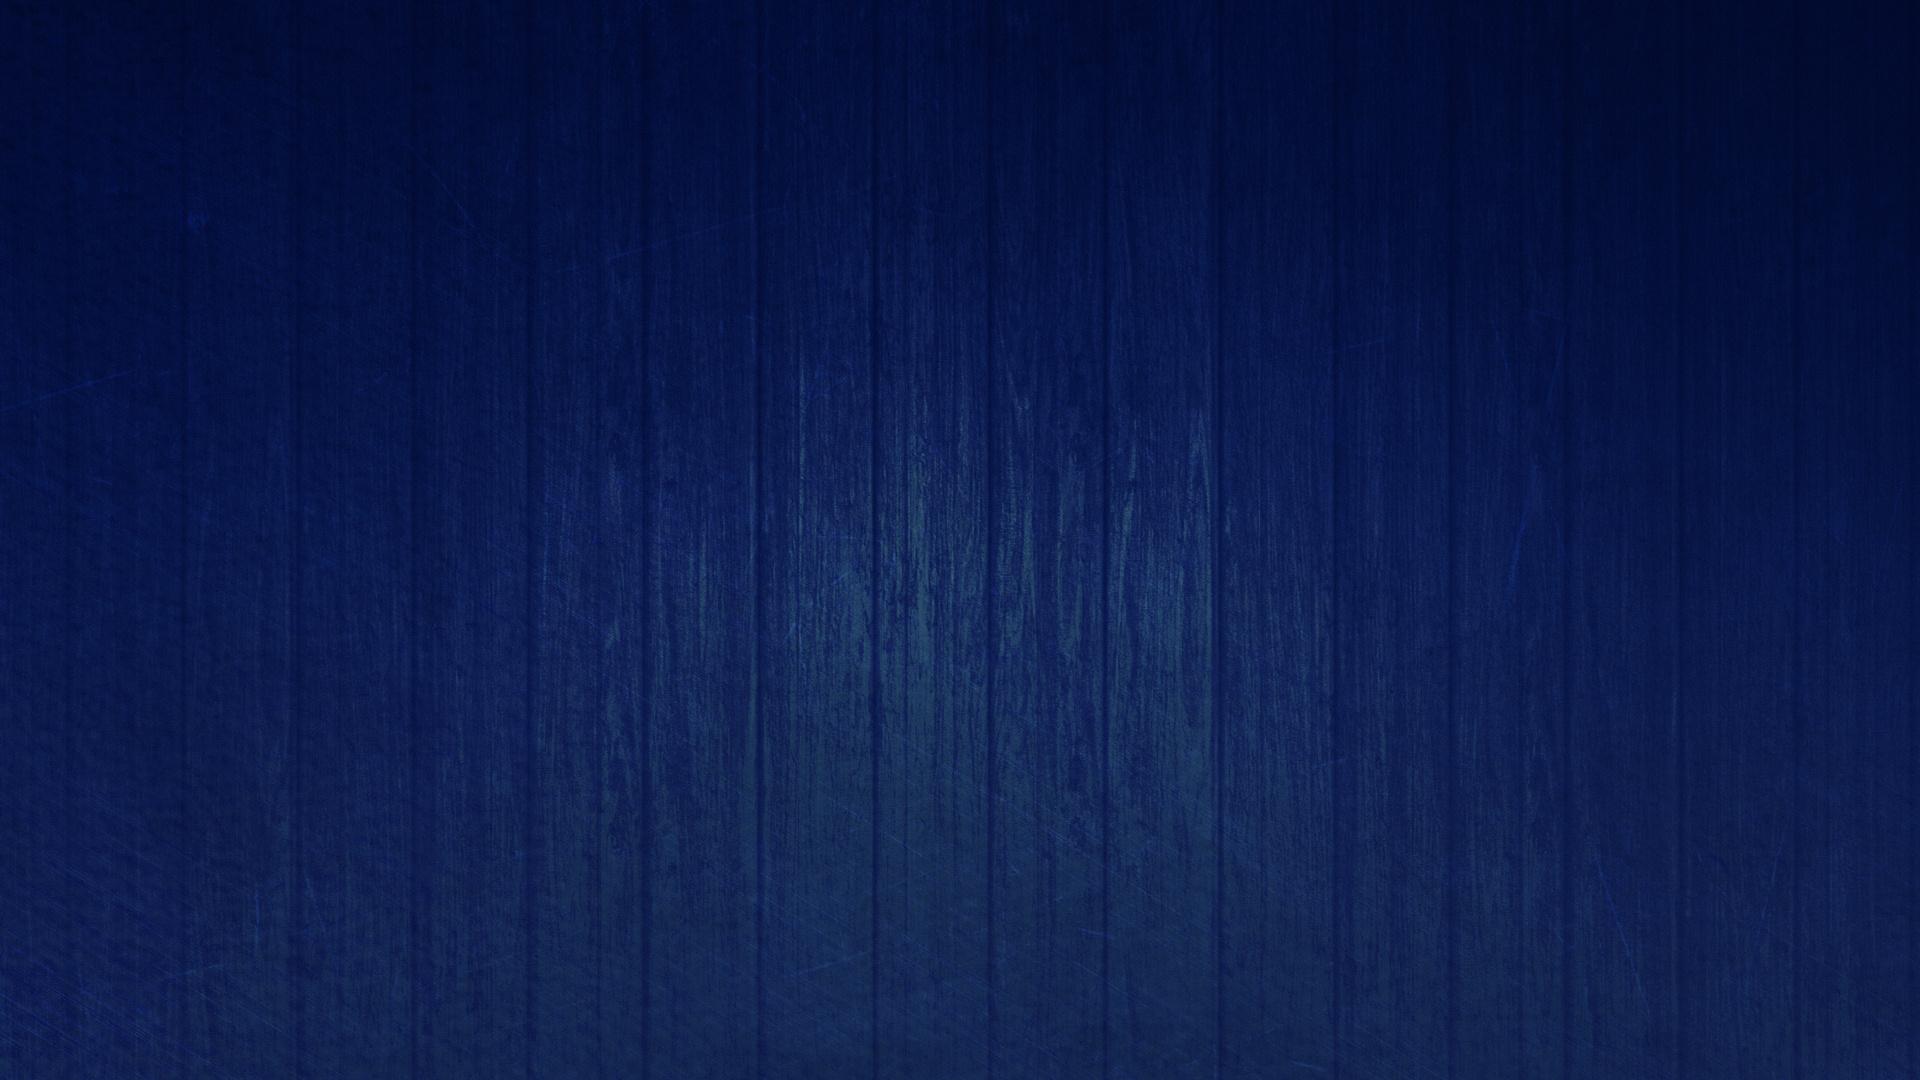 Красивые обои фон синий   подборка 25 картинок (23)